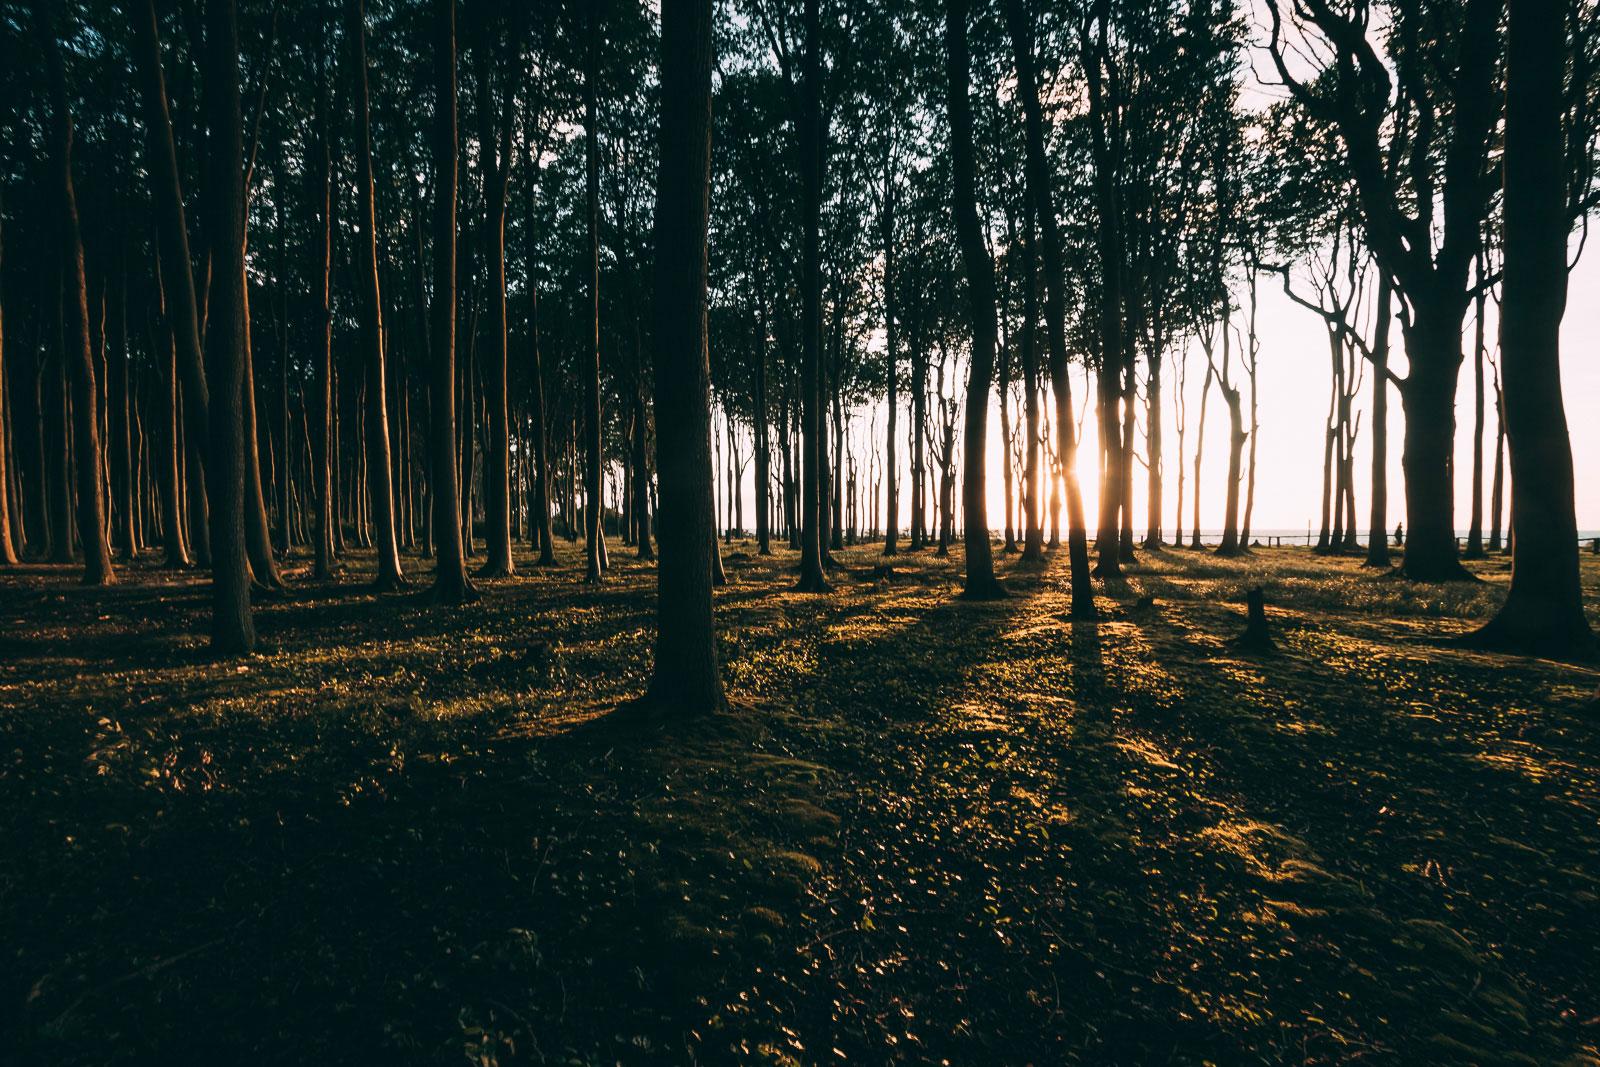 Vielleicht sollte man den Gespensterwald doch eher Zauberwald nennen?